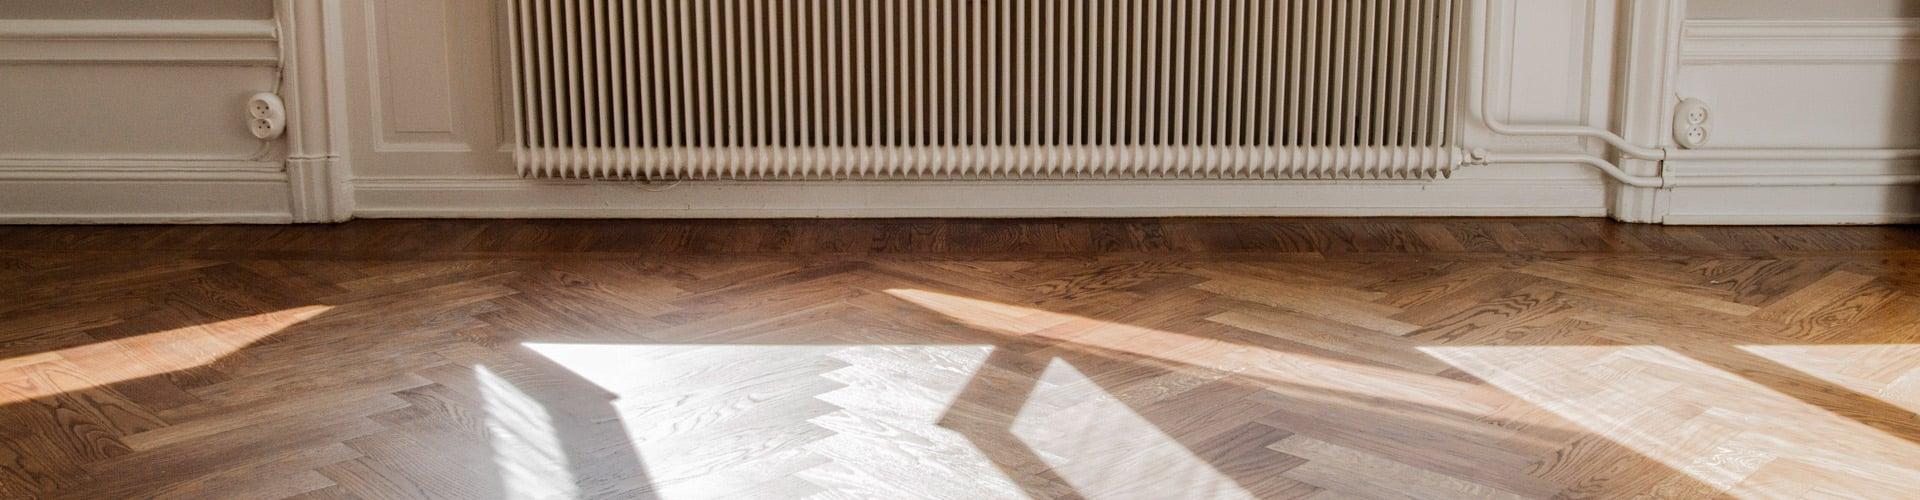 slipa golv stockholm